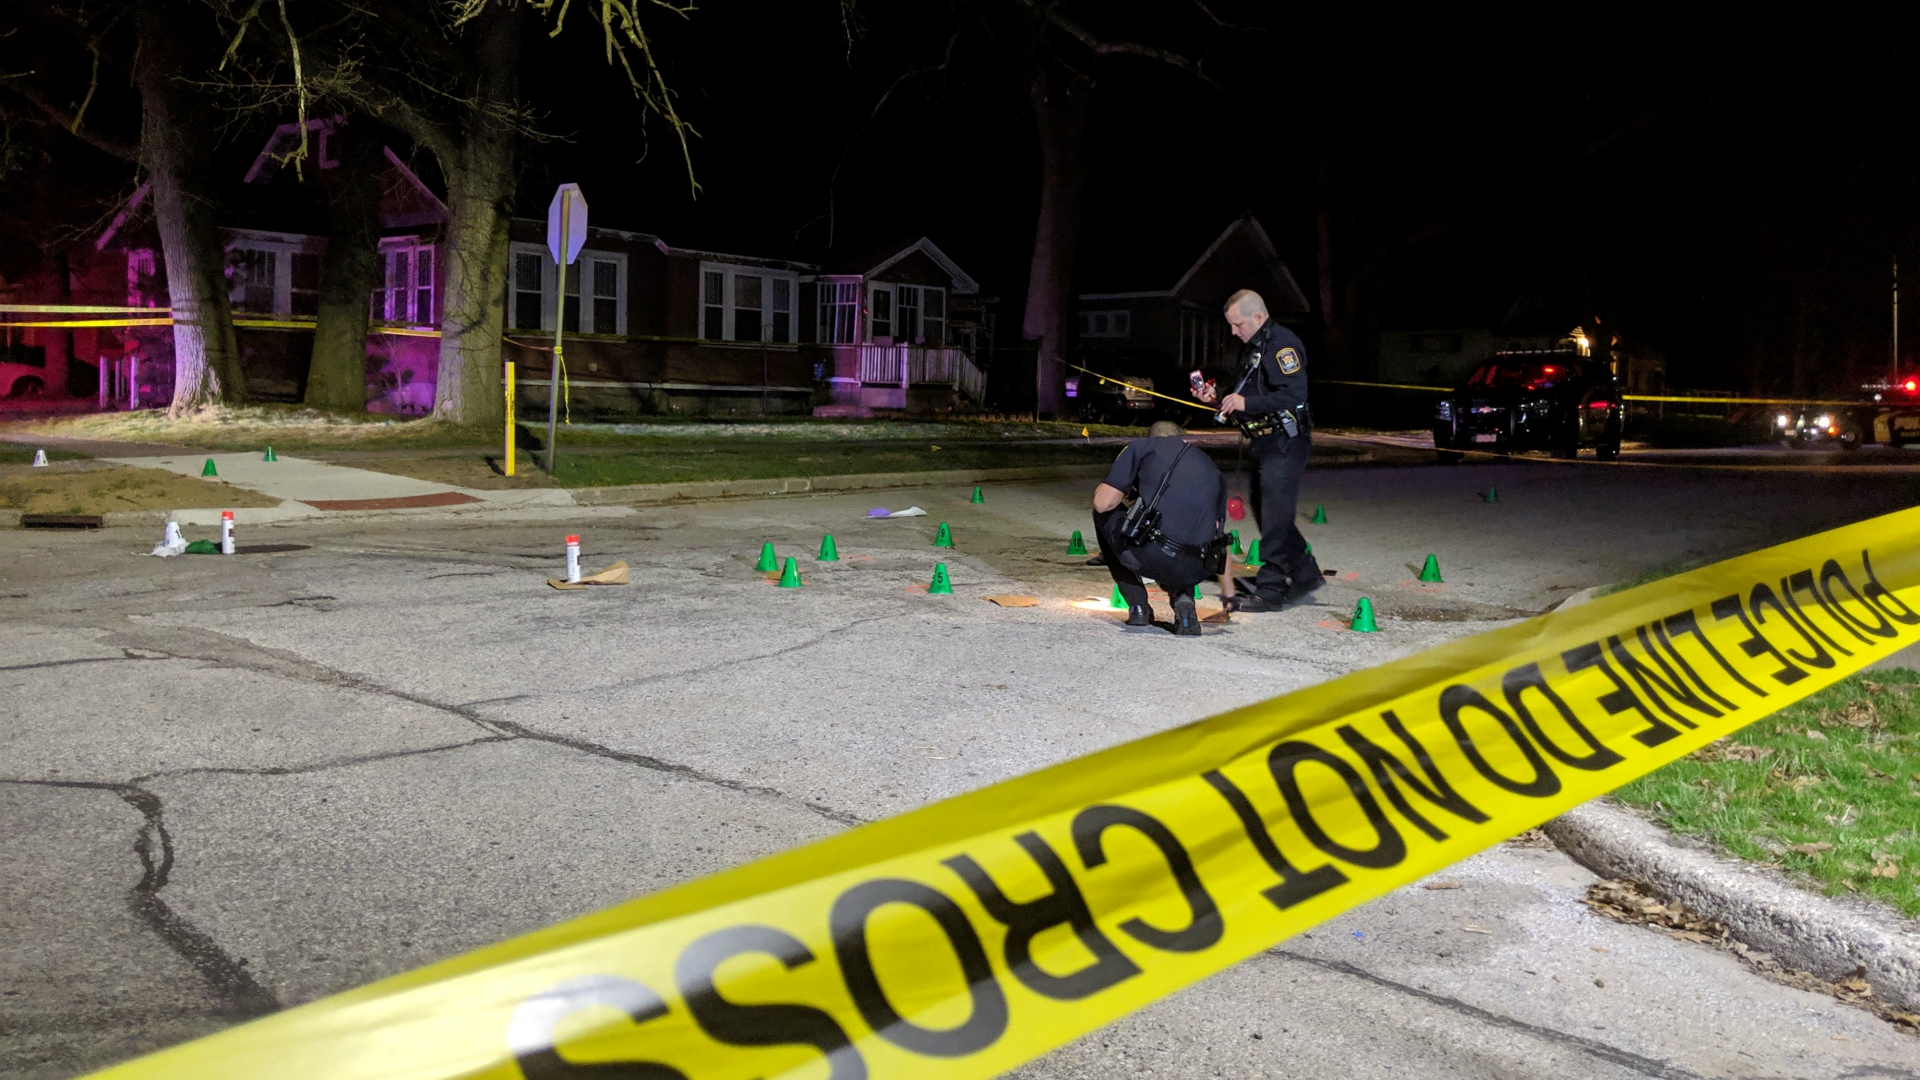 Man seriously injured in Muskegon shooting